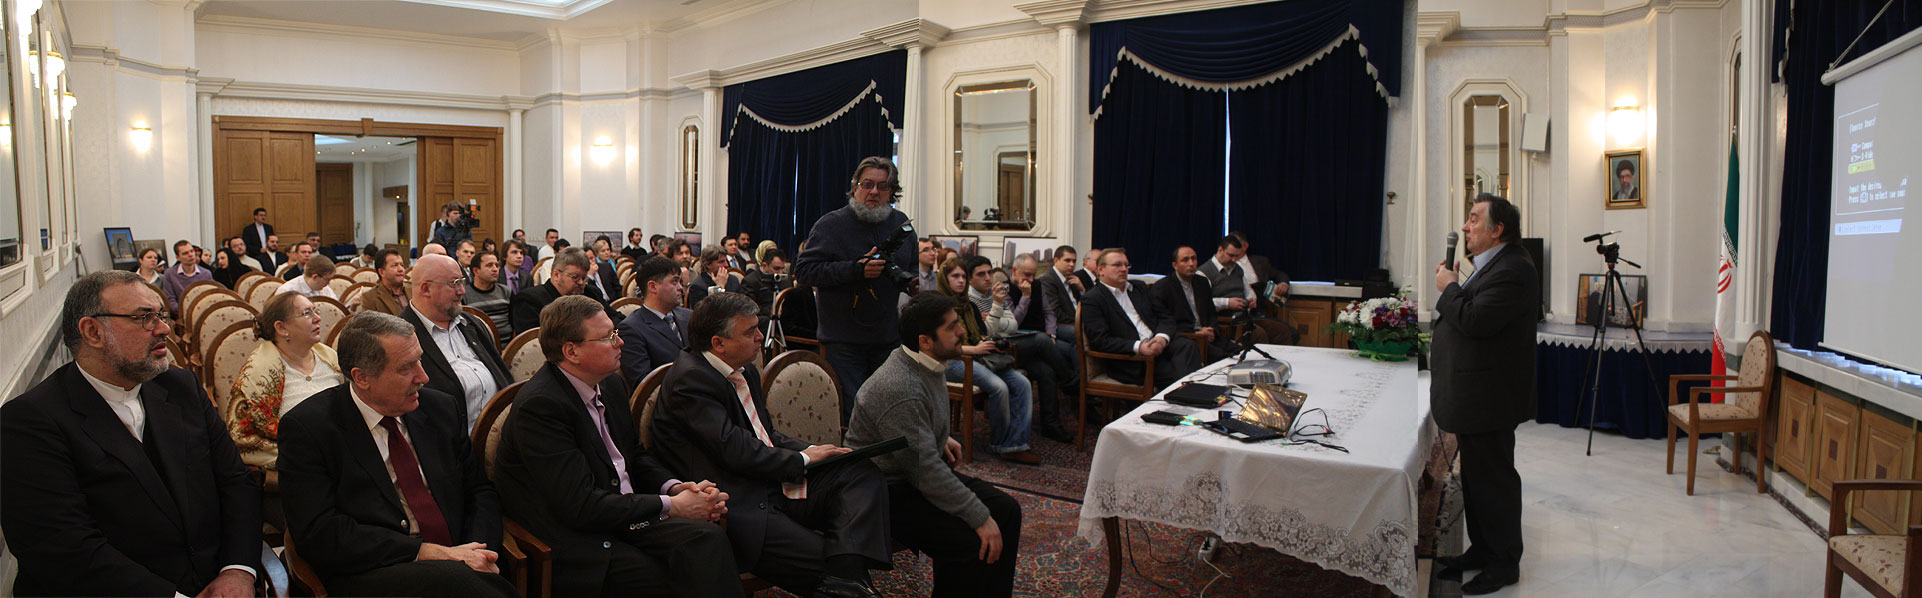 Речь г-на Проханова перед гостями